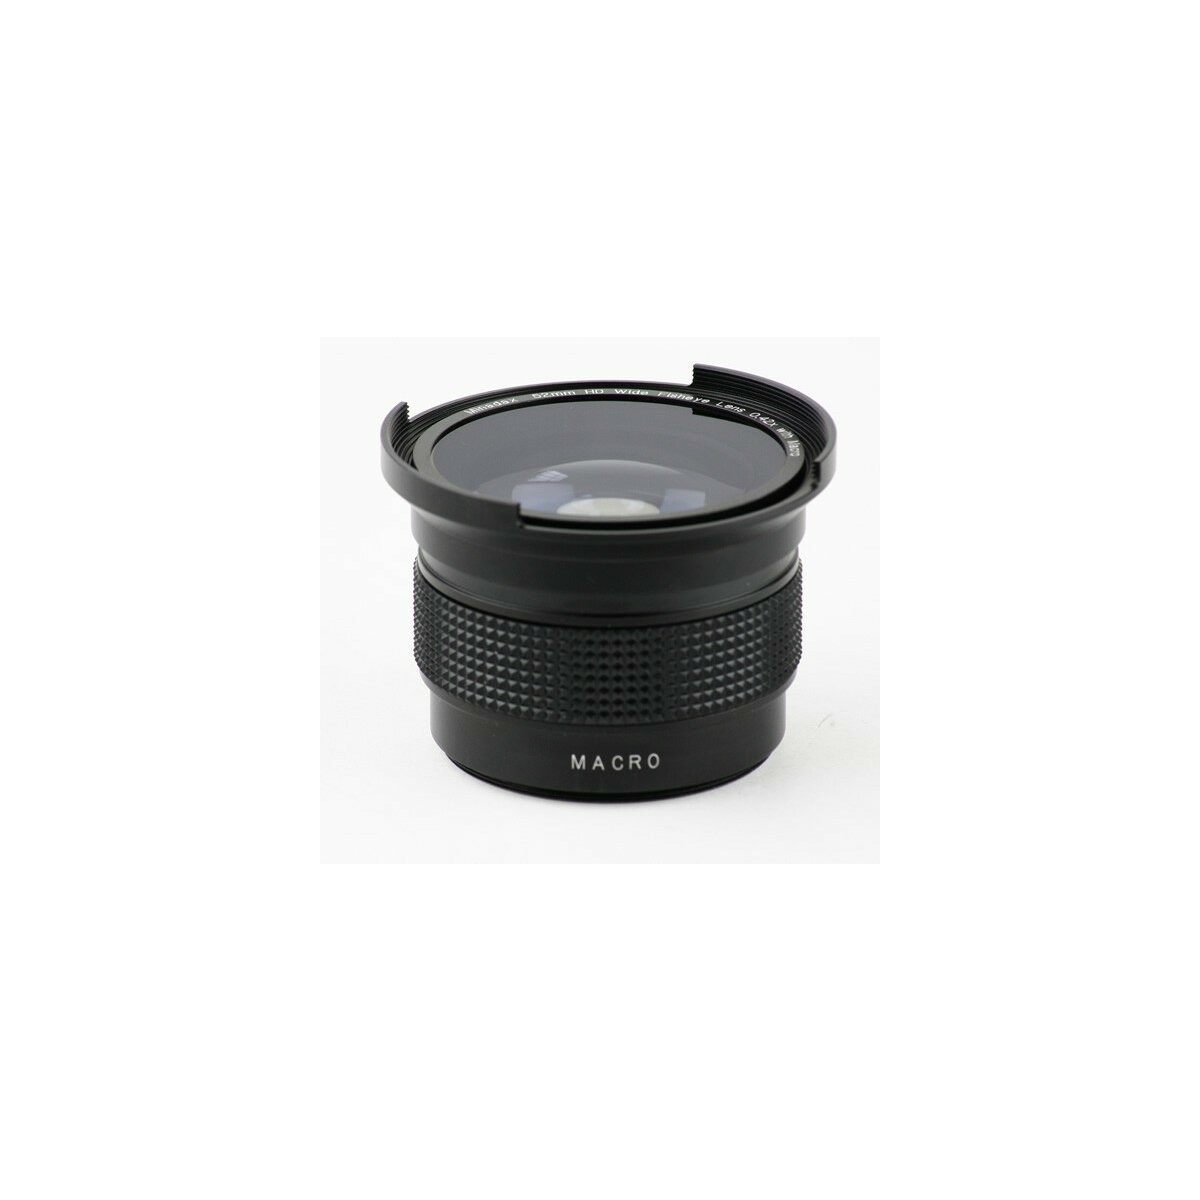 Minadax 0.42x Fisheye Vorsatz kompatibel mit Nikon Coolpix 8400